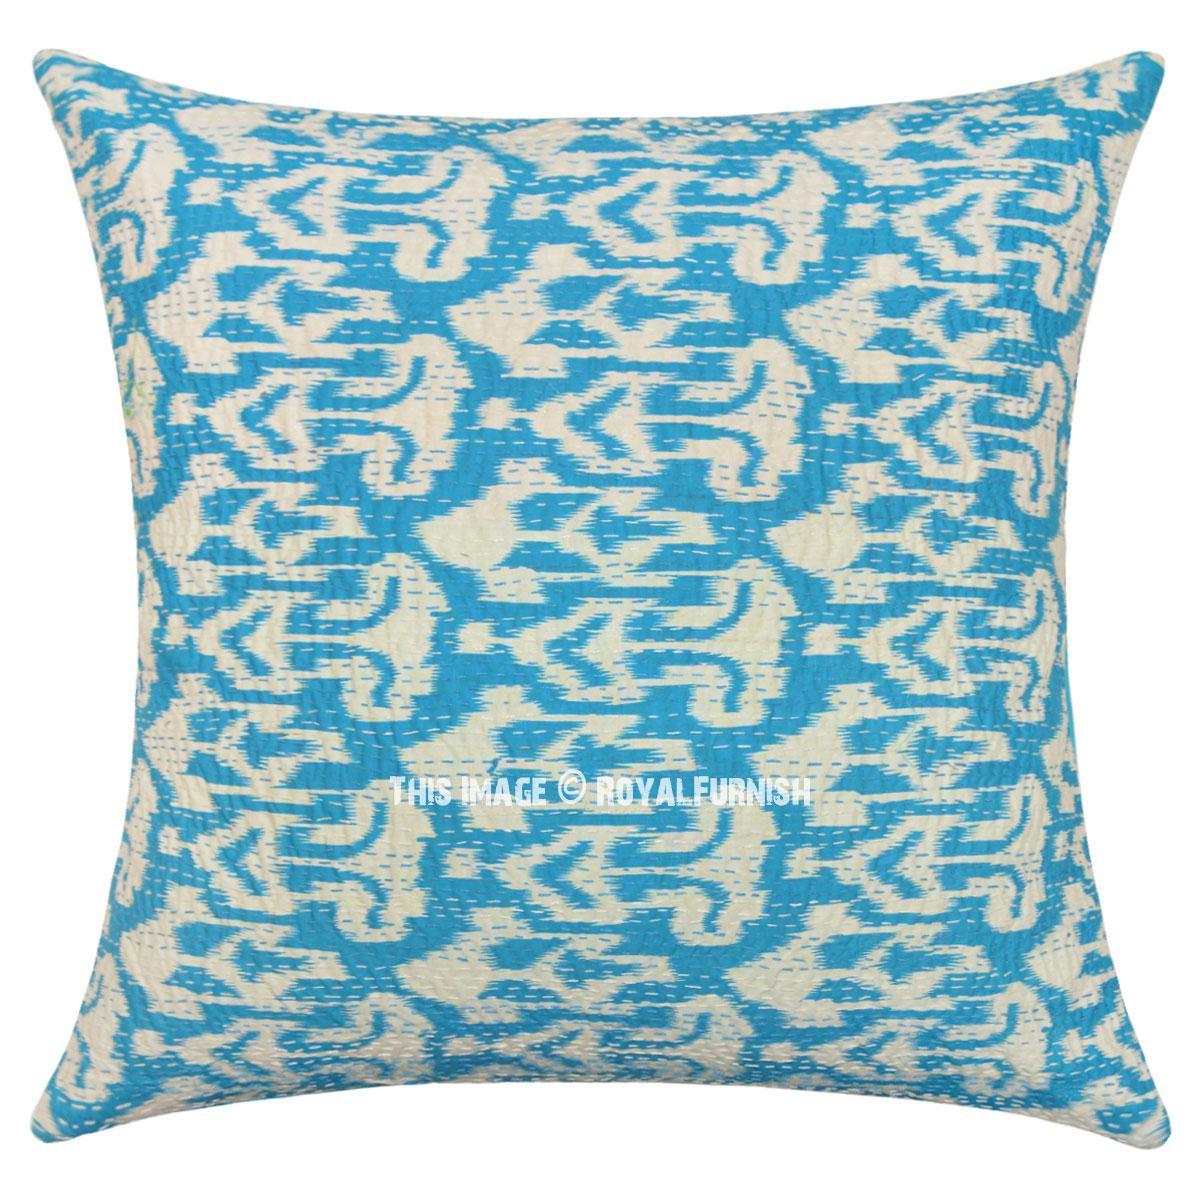 Ikat Design Throw Pillows : 24